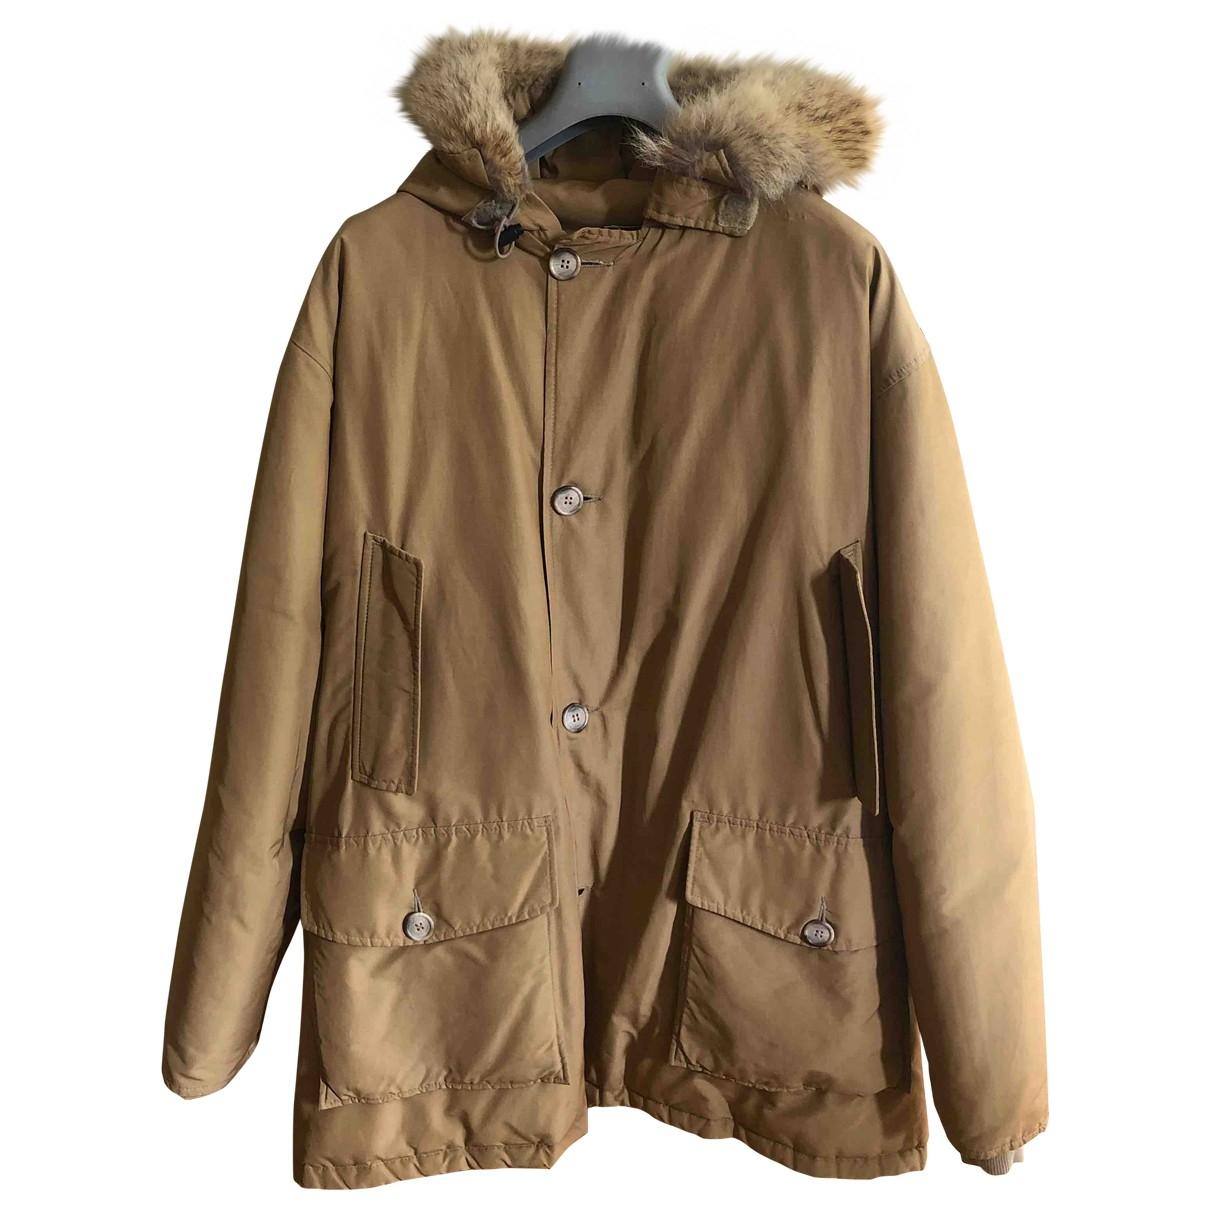 Woolrich \N Beige coat  for Men XL International